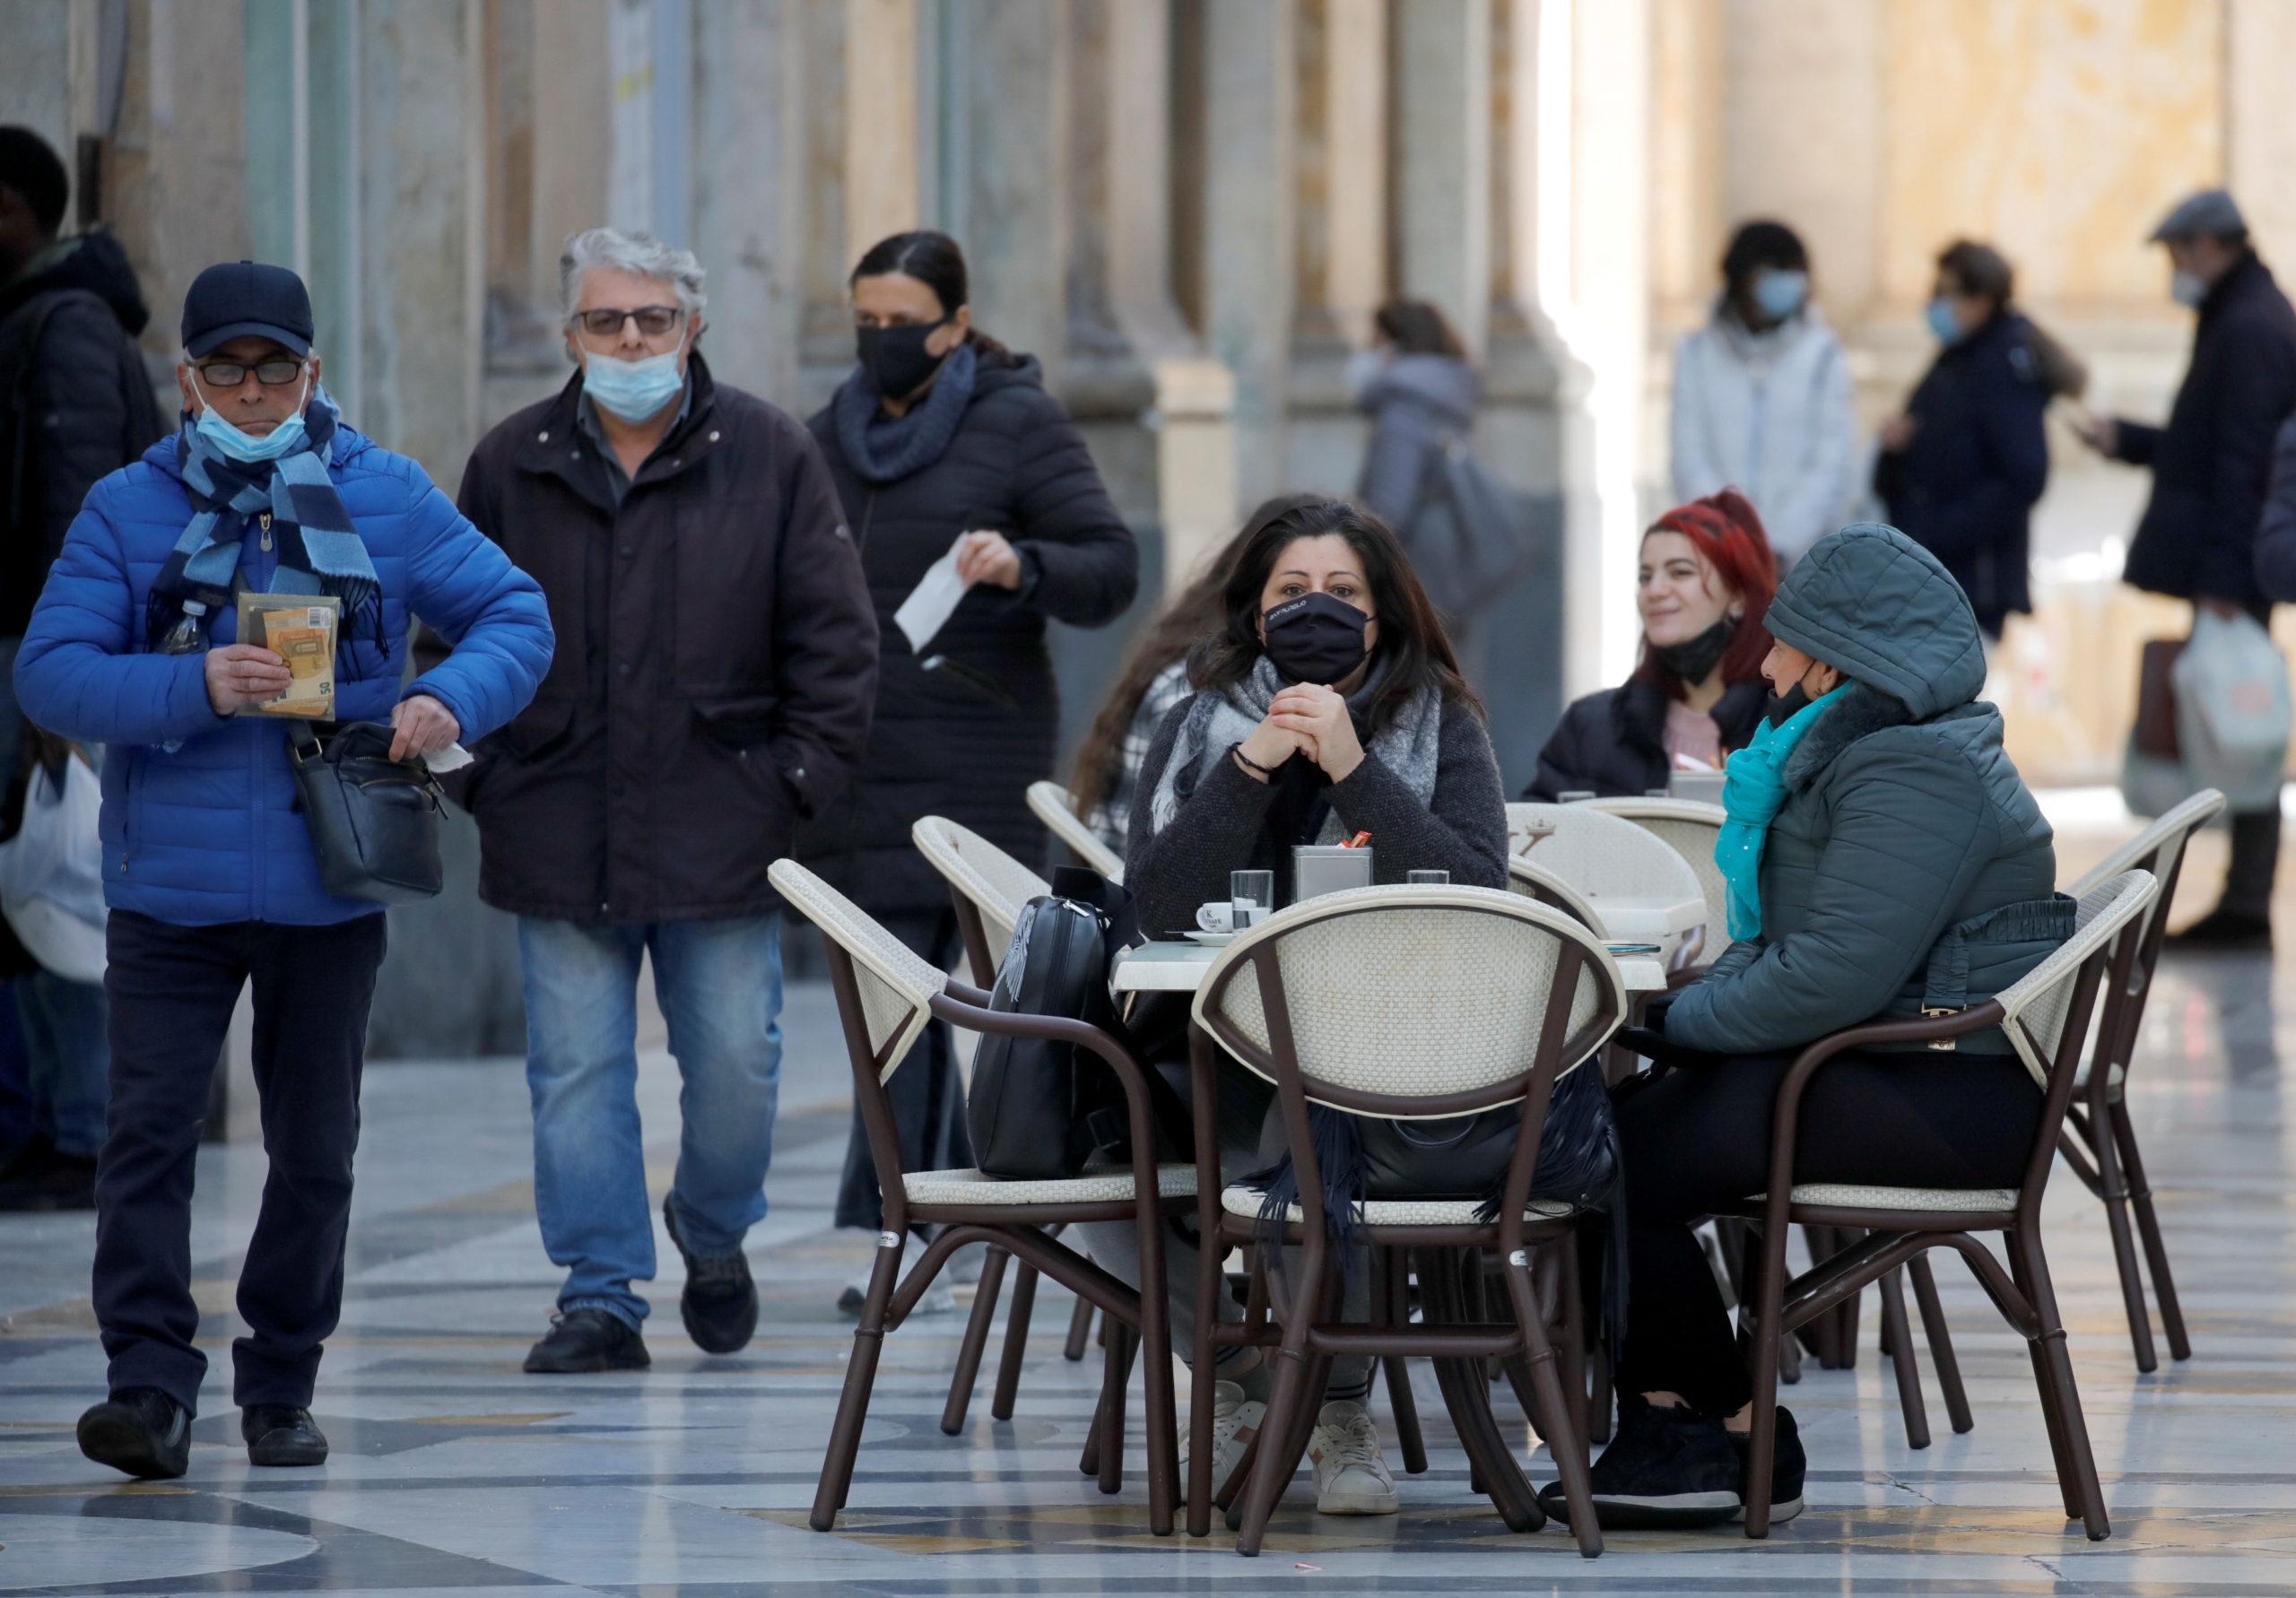 L'Italie recense 253 décès et 20.499 nouveaux cas